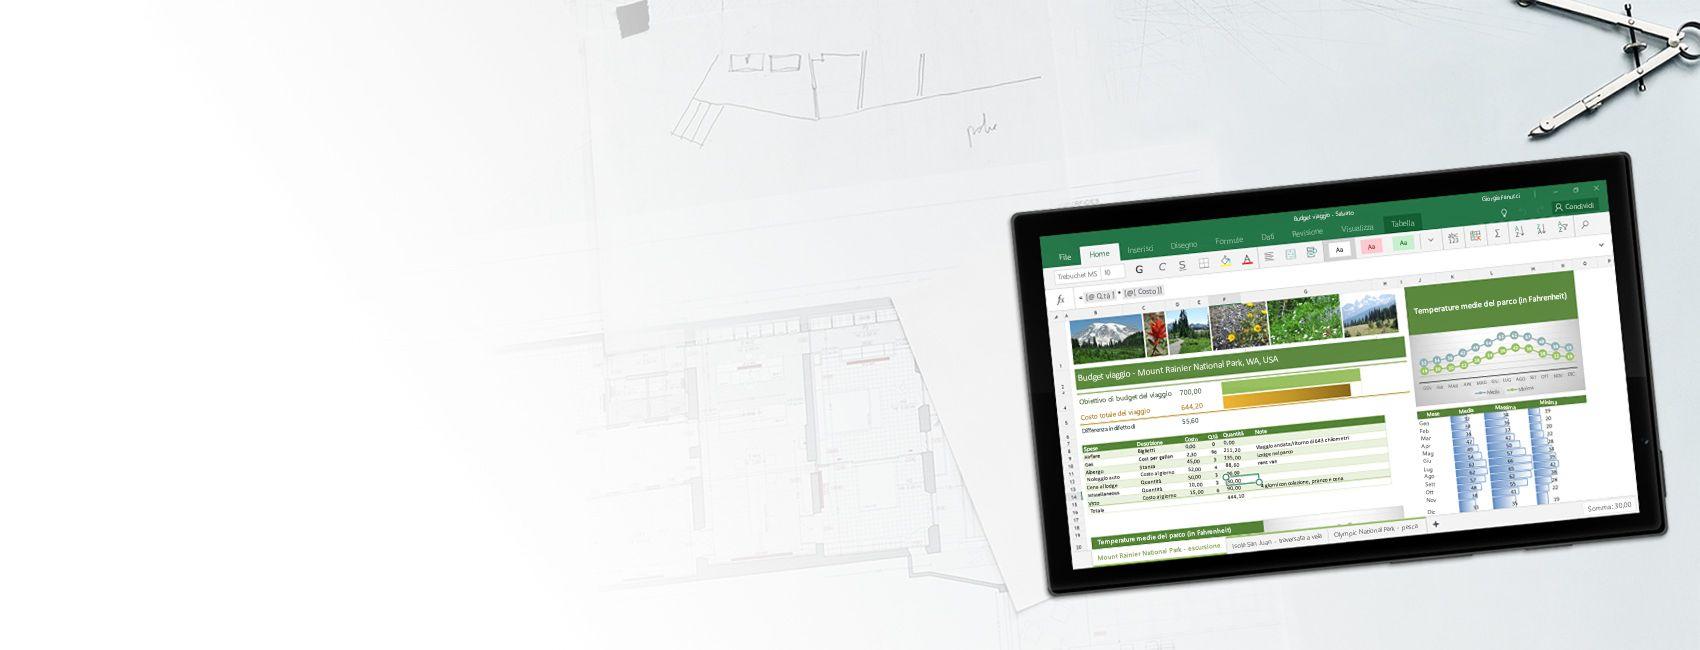 Tablet Windows che visualizza un foglio di calcolo di Excel con un semplice grafico e un report del budget di viaggio in Excel per Windows 10 Mobile